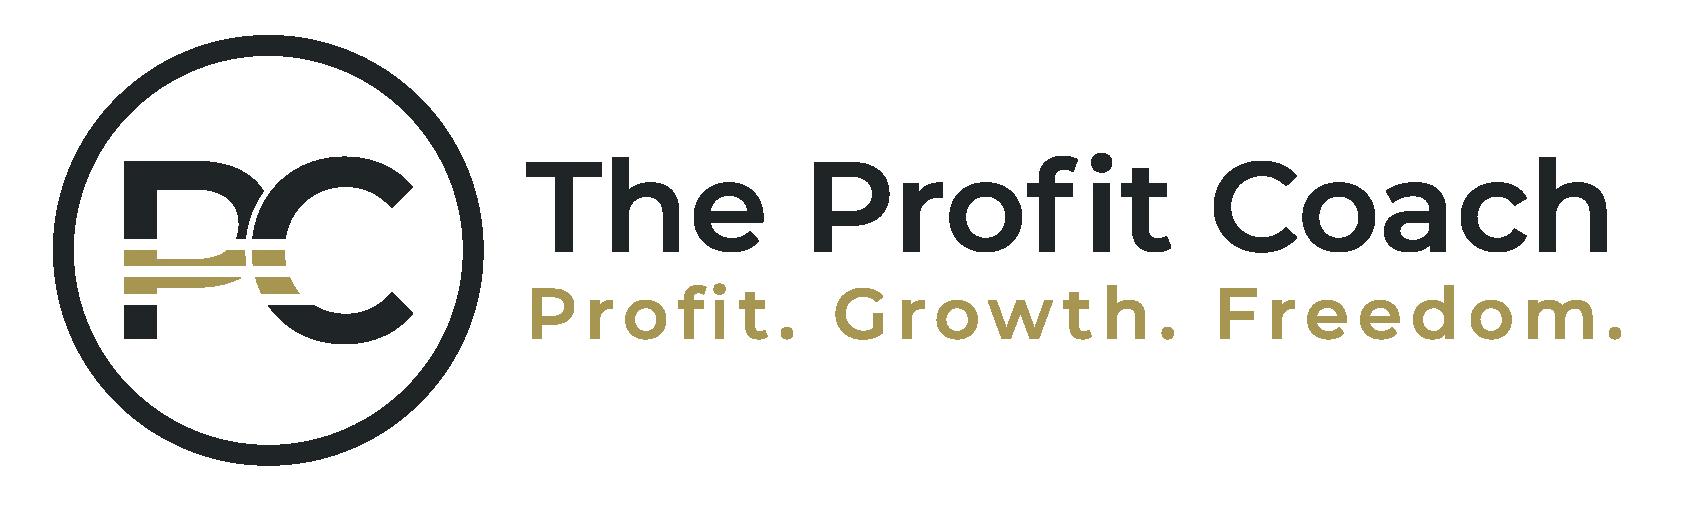 The Profit Coach